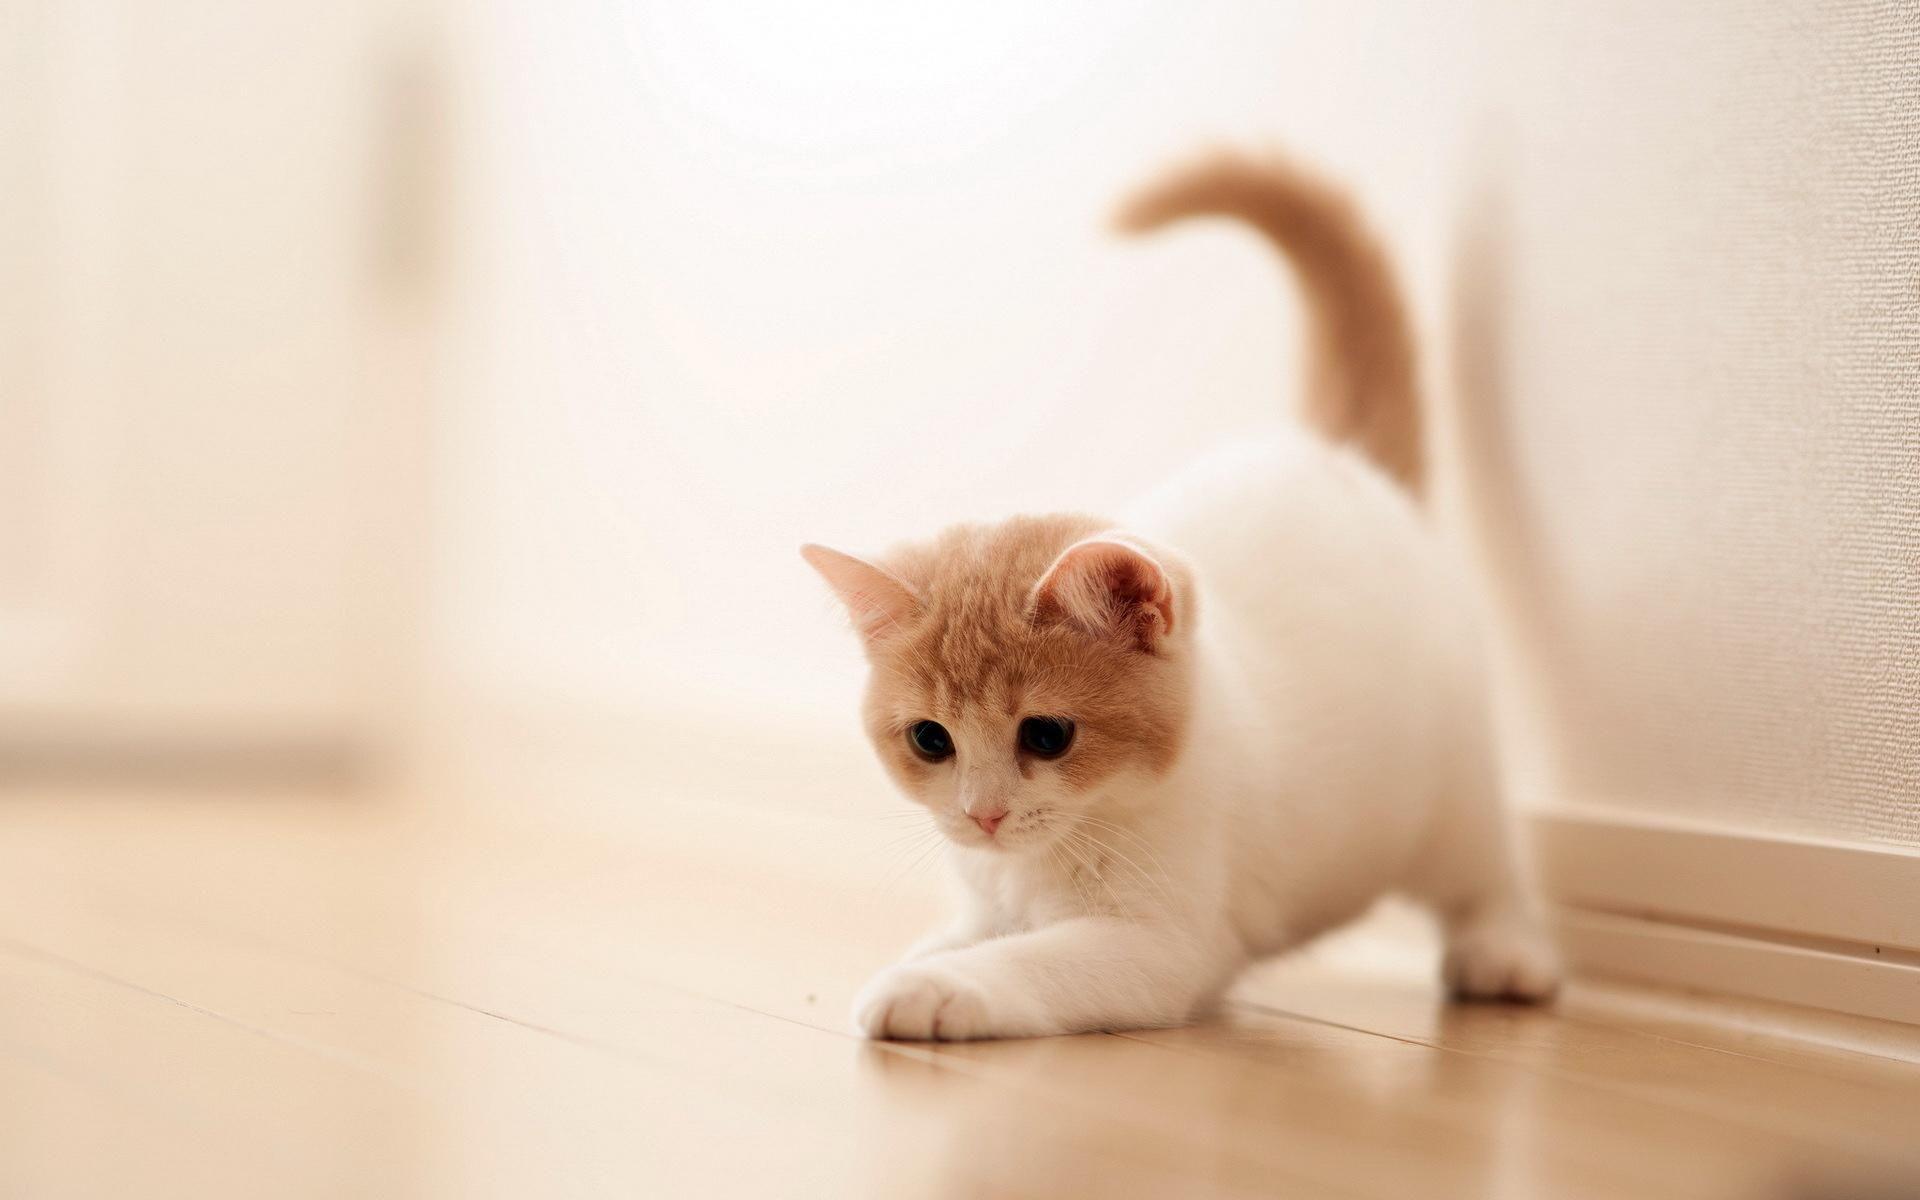 Hình nền mèo con chơi đùa đáng yêu